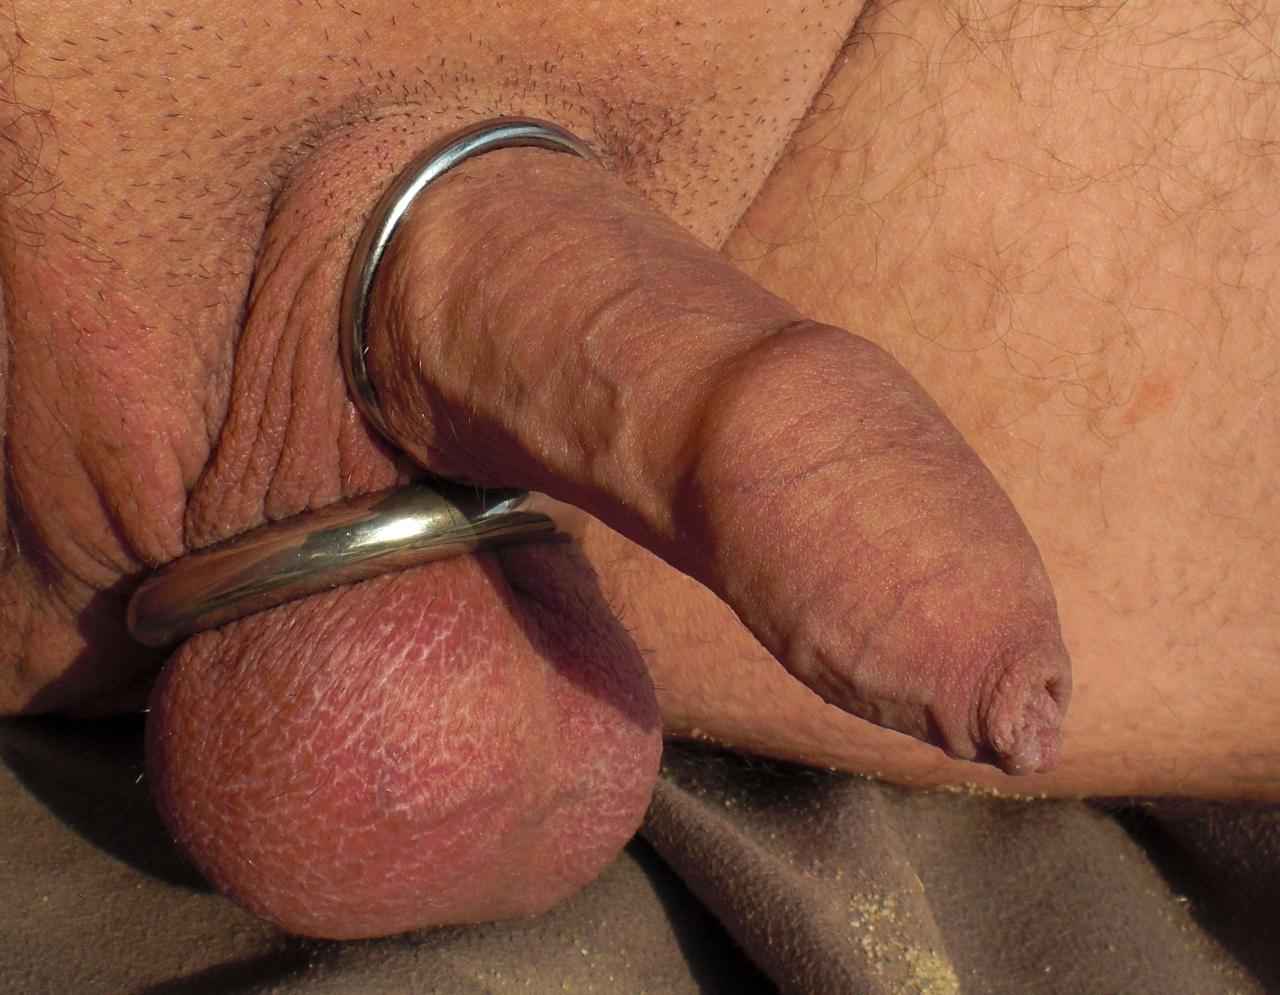 anal verker ficken in bochum